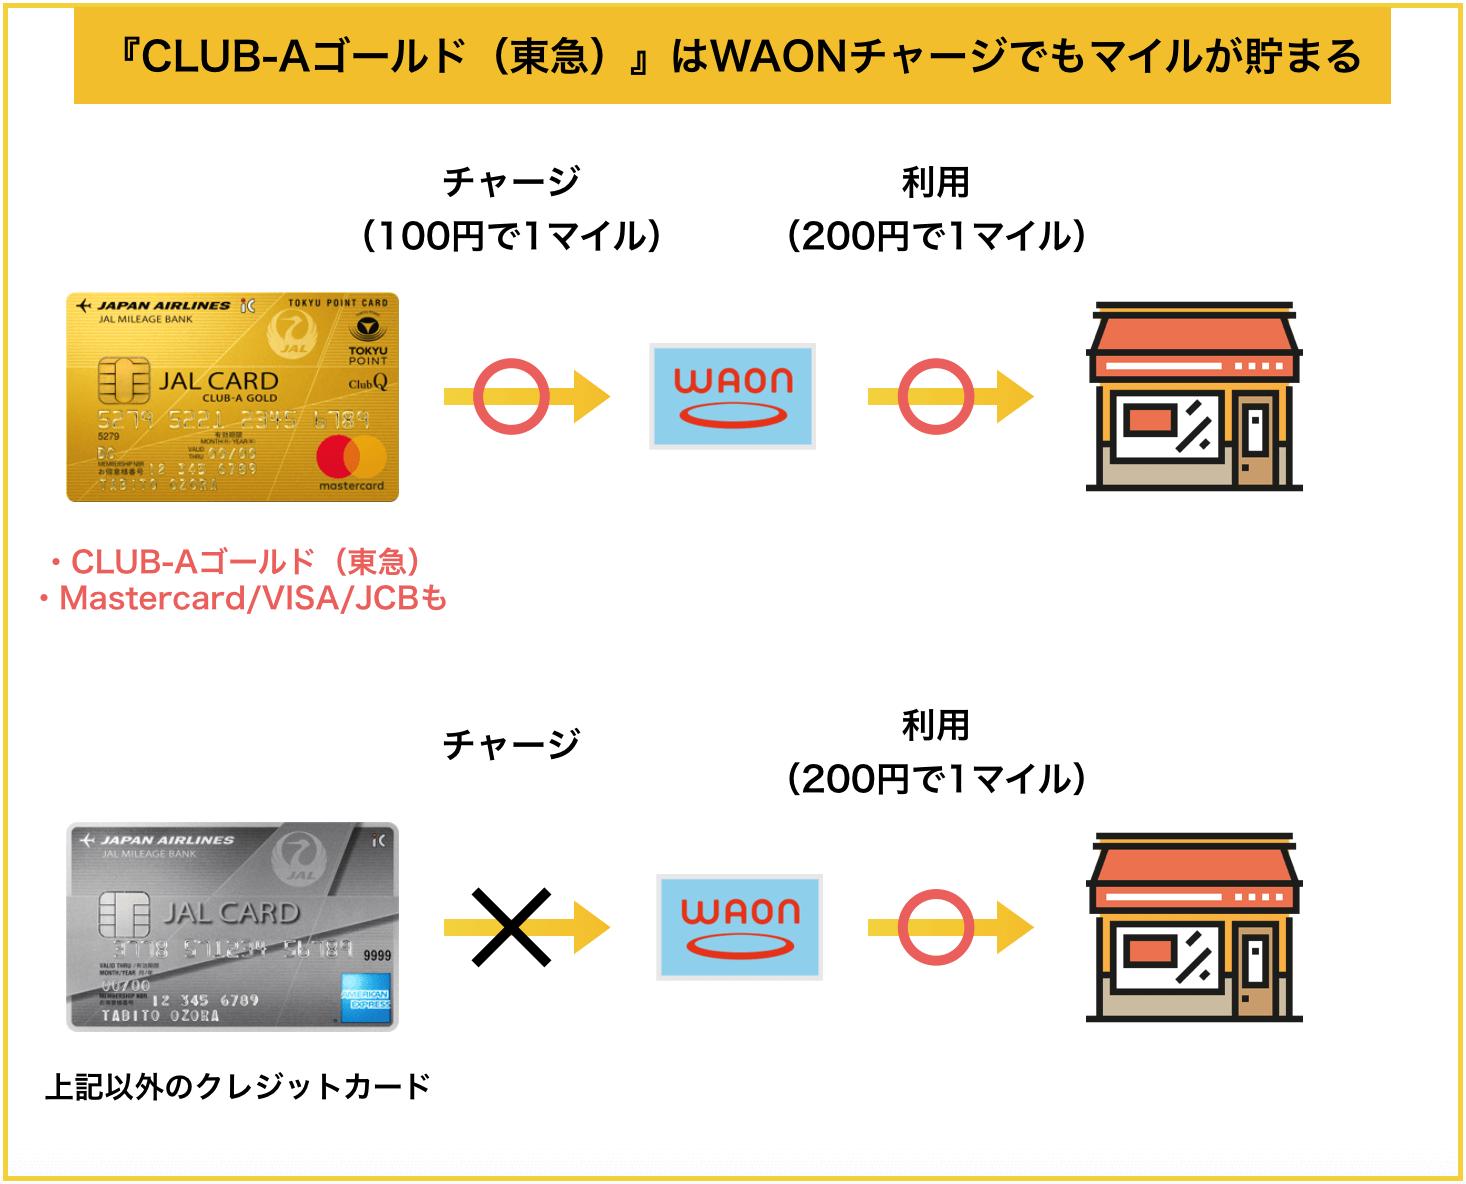 JALカード TOKYU POINT ClubQ CLUB-AゴールドカードはWAONチャージでもマイルが貯まる